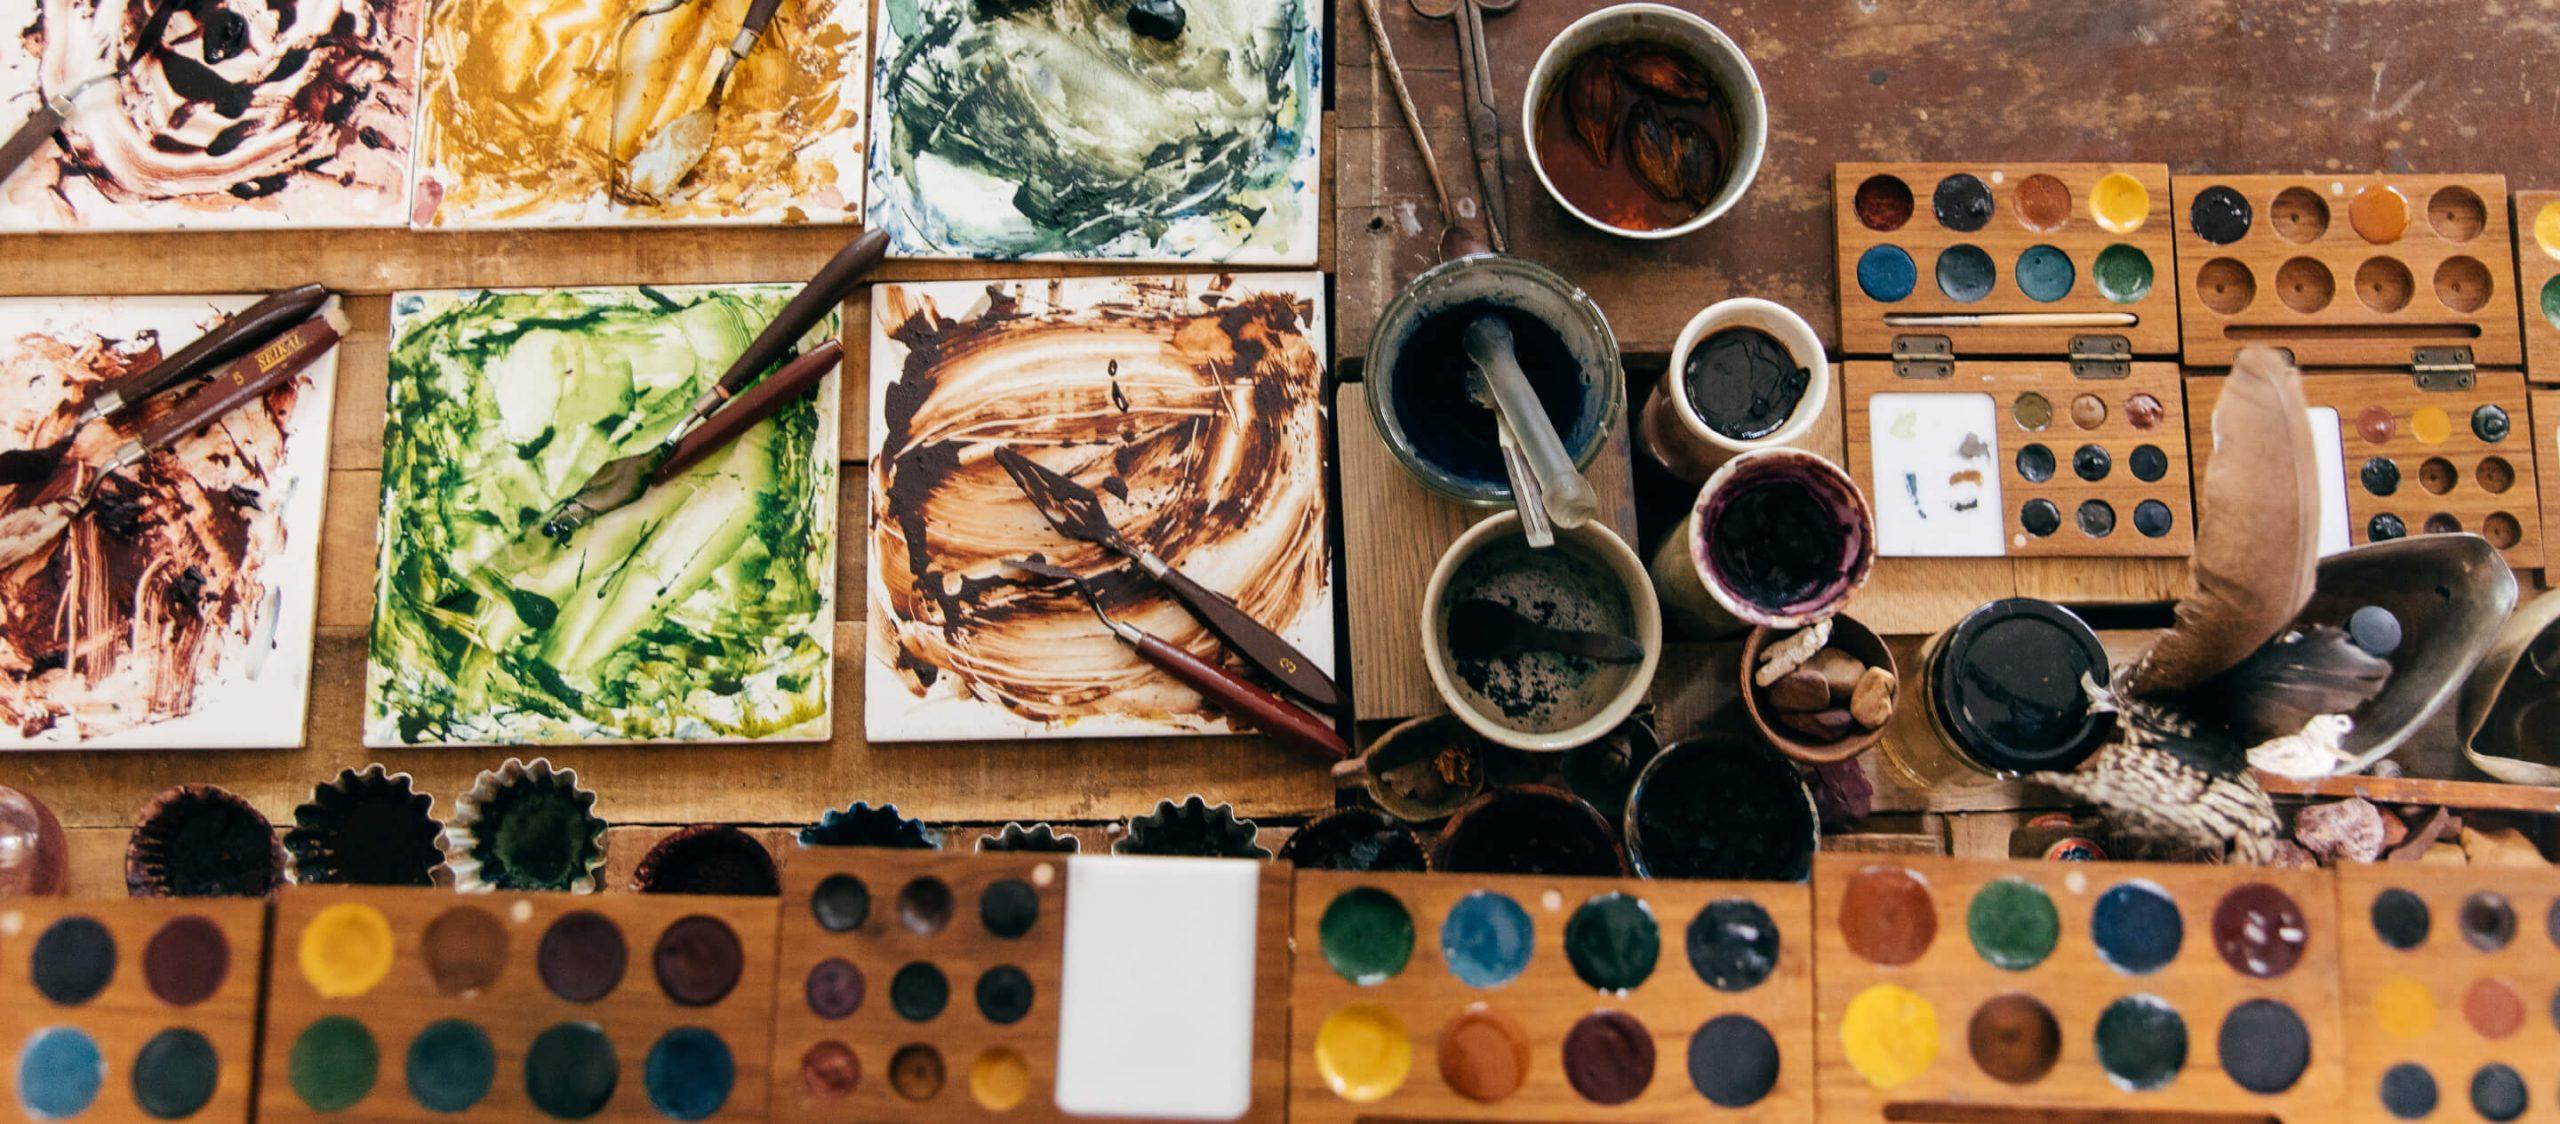 ตามศิลปินผู้แพ้สีเคมีไปเก็บหิน ดิน และดอกไม้มาทำสีธรรมชาติที่สตูดิโอ